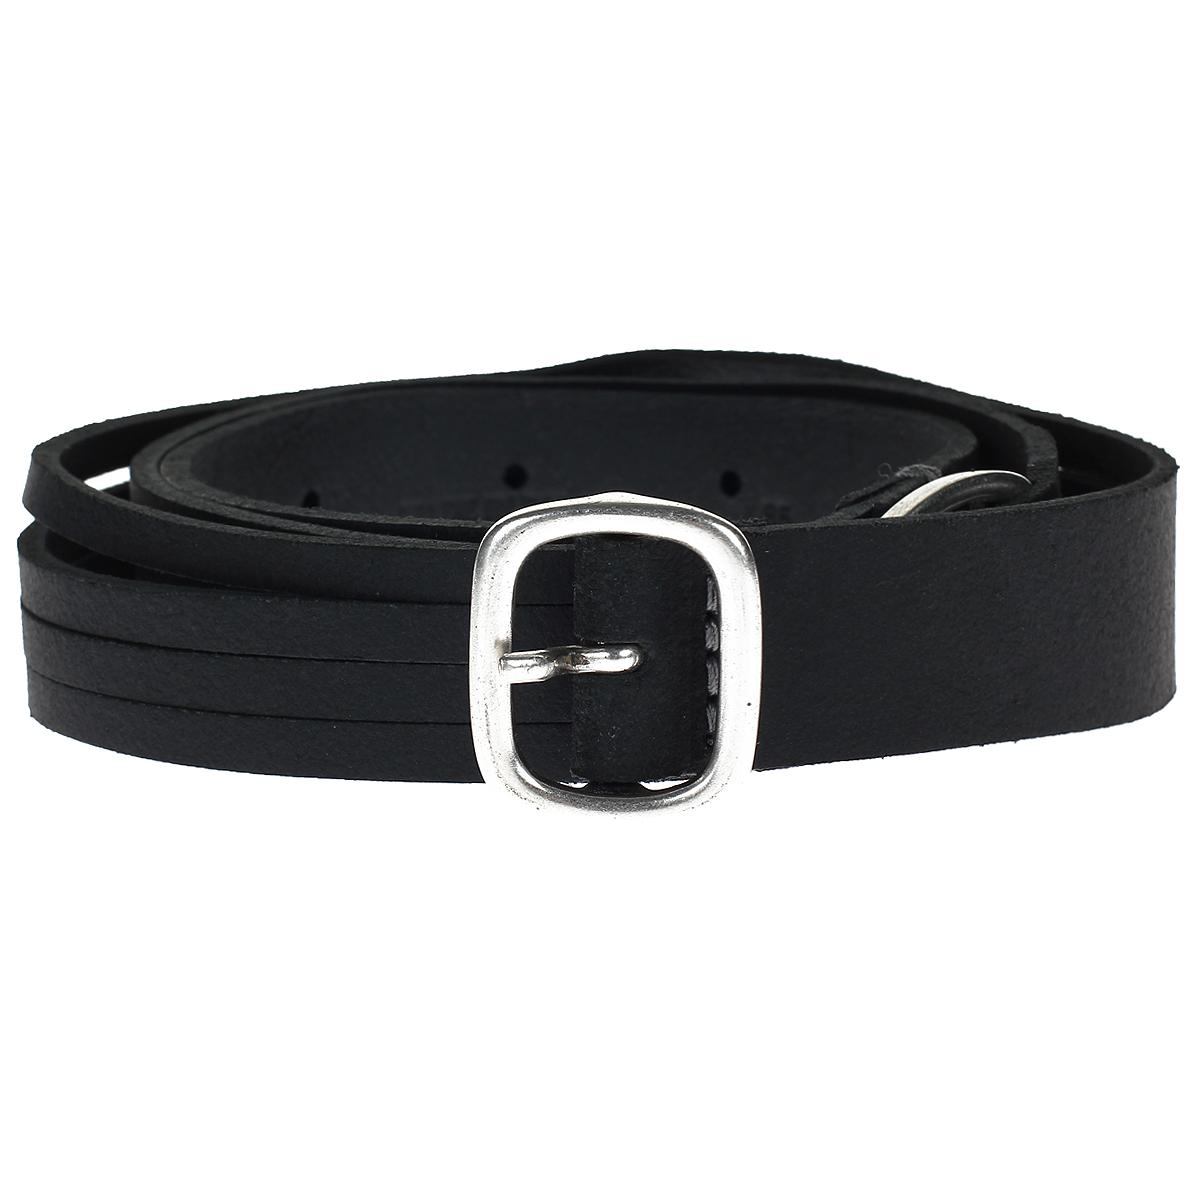 Ремень женский Lee Cut Strap Belt, цвет: черный. LY065301 95 0. Размер 95LY065301Стильный ремень выполнен из натуральной коровьей кожи и застегивается на металлическую пряжку. Ремень состоит из двух частей, соединенных металлическим кольцом и декорированных сквозными прорезями.Ремень - очень важная часть гардероба и к его выбору стоит относиться очень серьезно. Такой ремень дополнит ваш образ, стиль и статус.